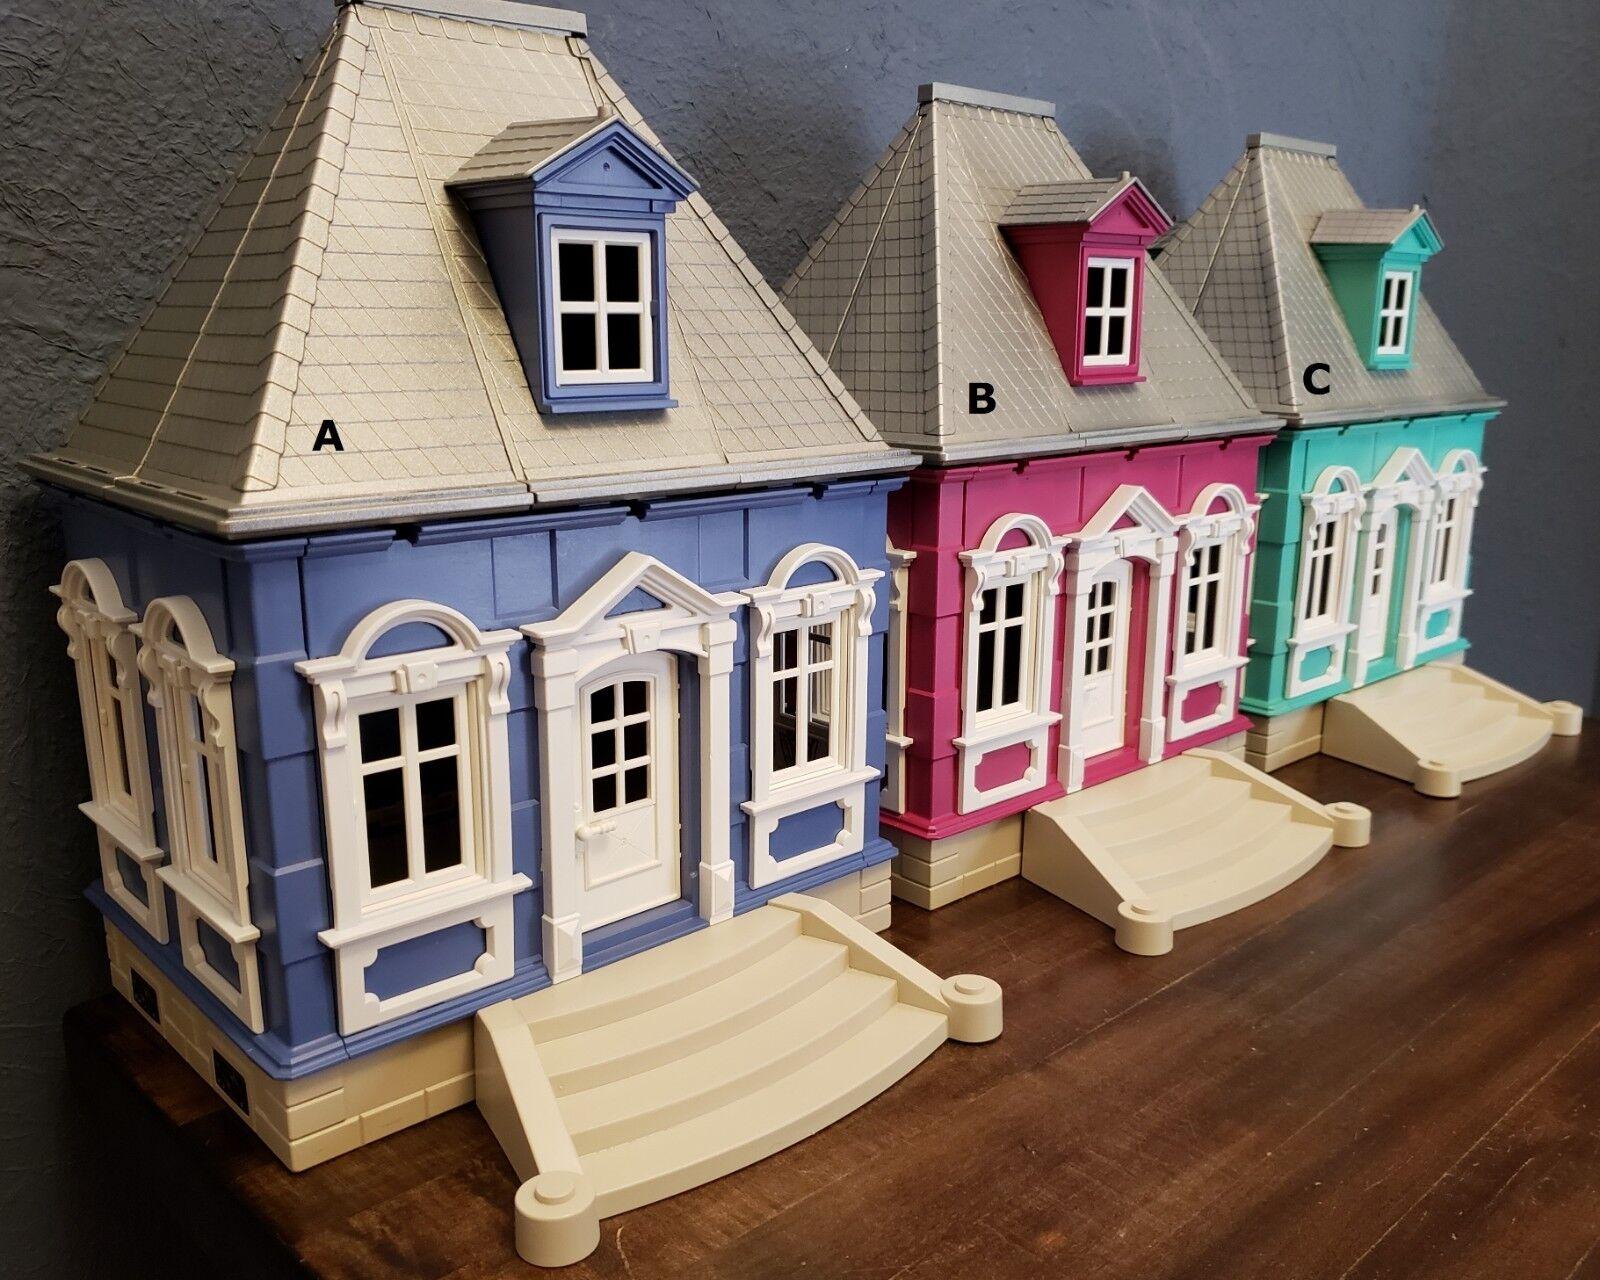 Personnalisé Playmobil  VICTORIAN Cottages-Dollhouse Mansion 5955 5300-Votre Choix  marques de mode